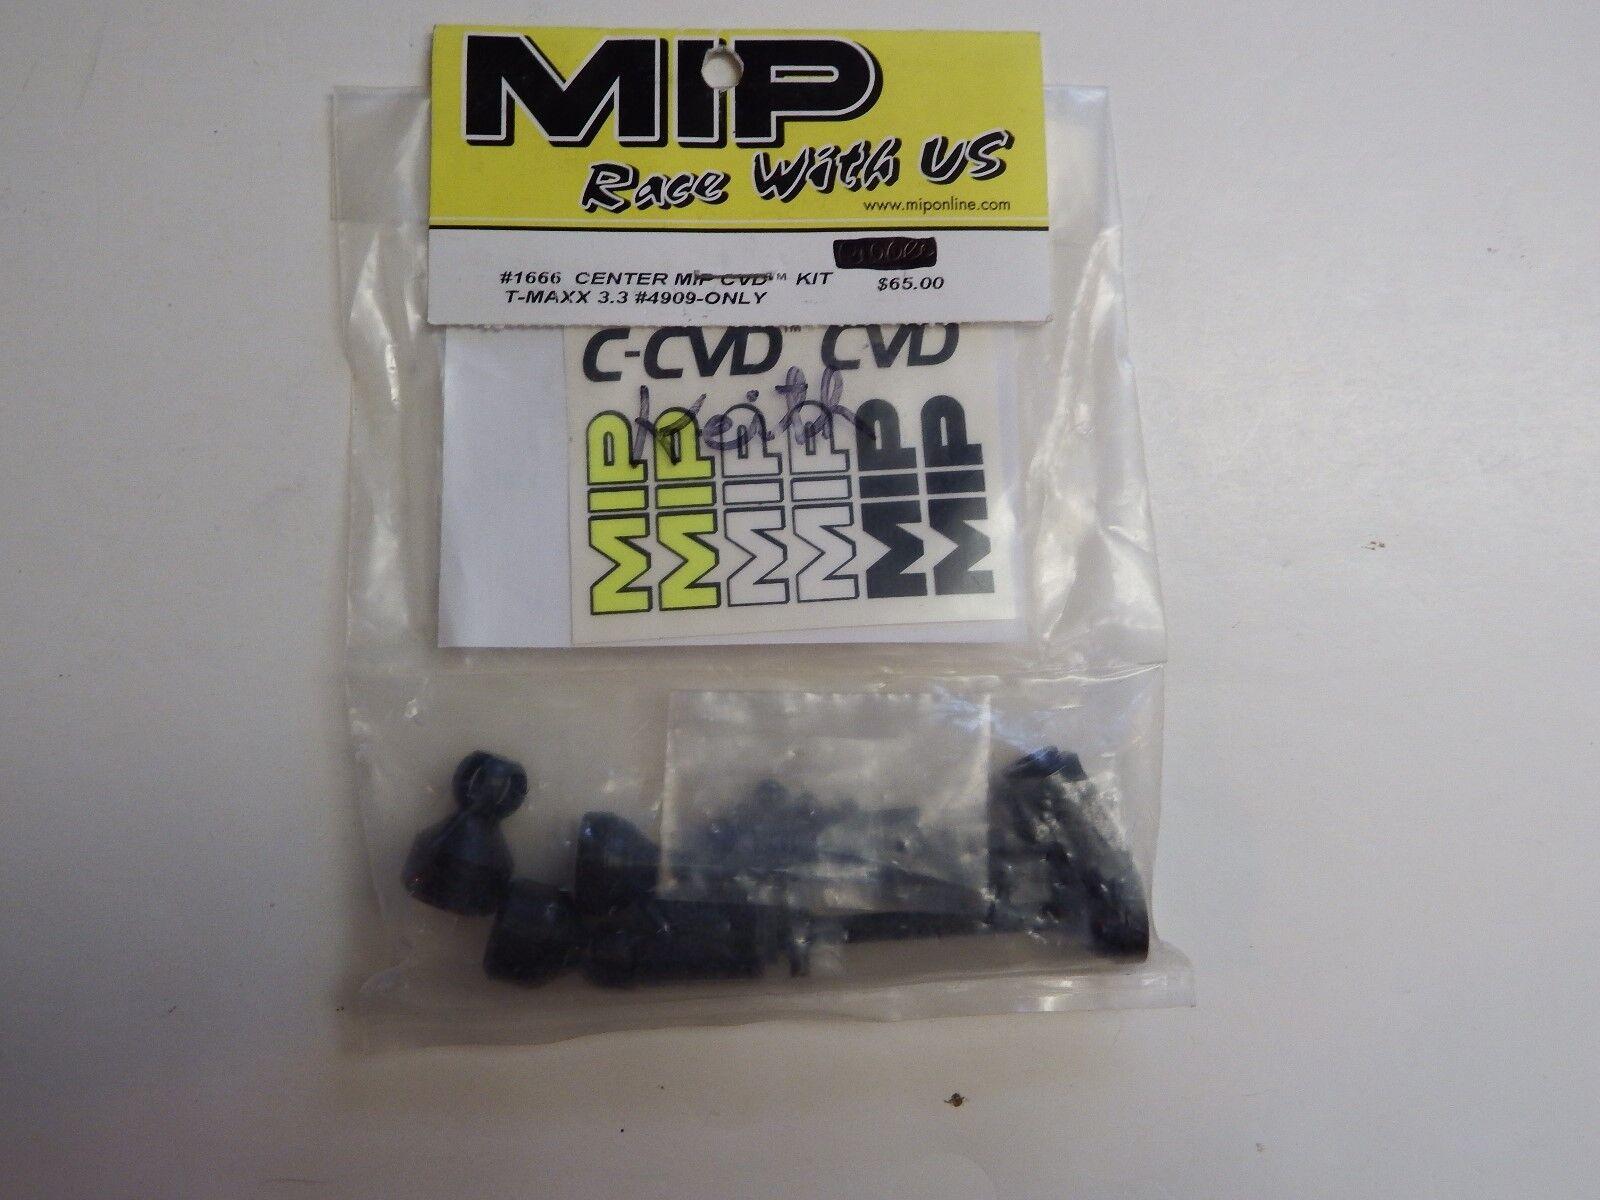 MIP - CENTER MIP CVD KIT T-MAXX 3.3  4909-ONLY - Model   1666